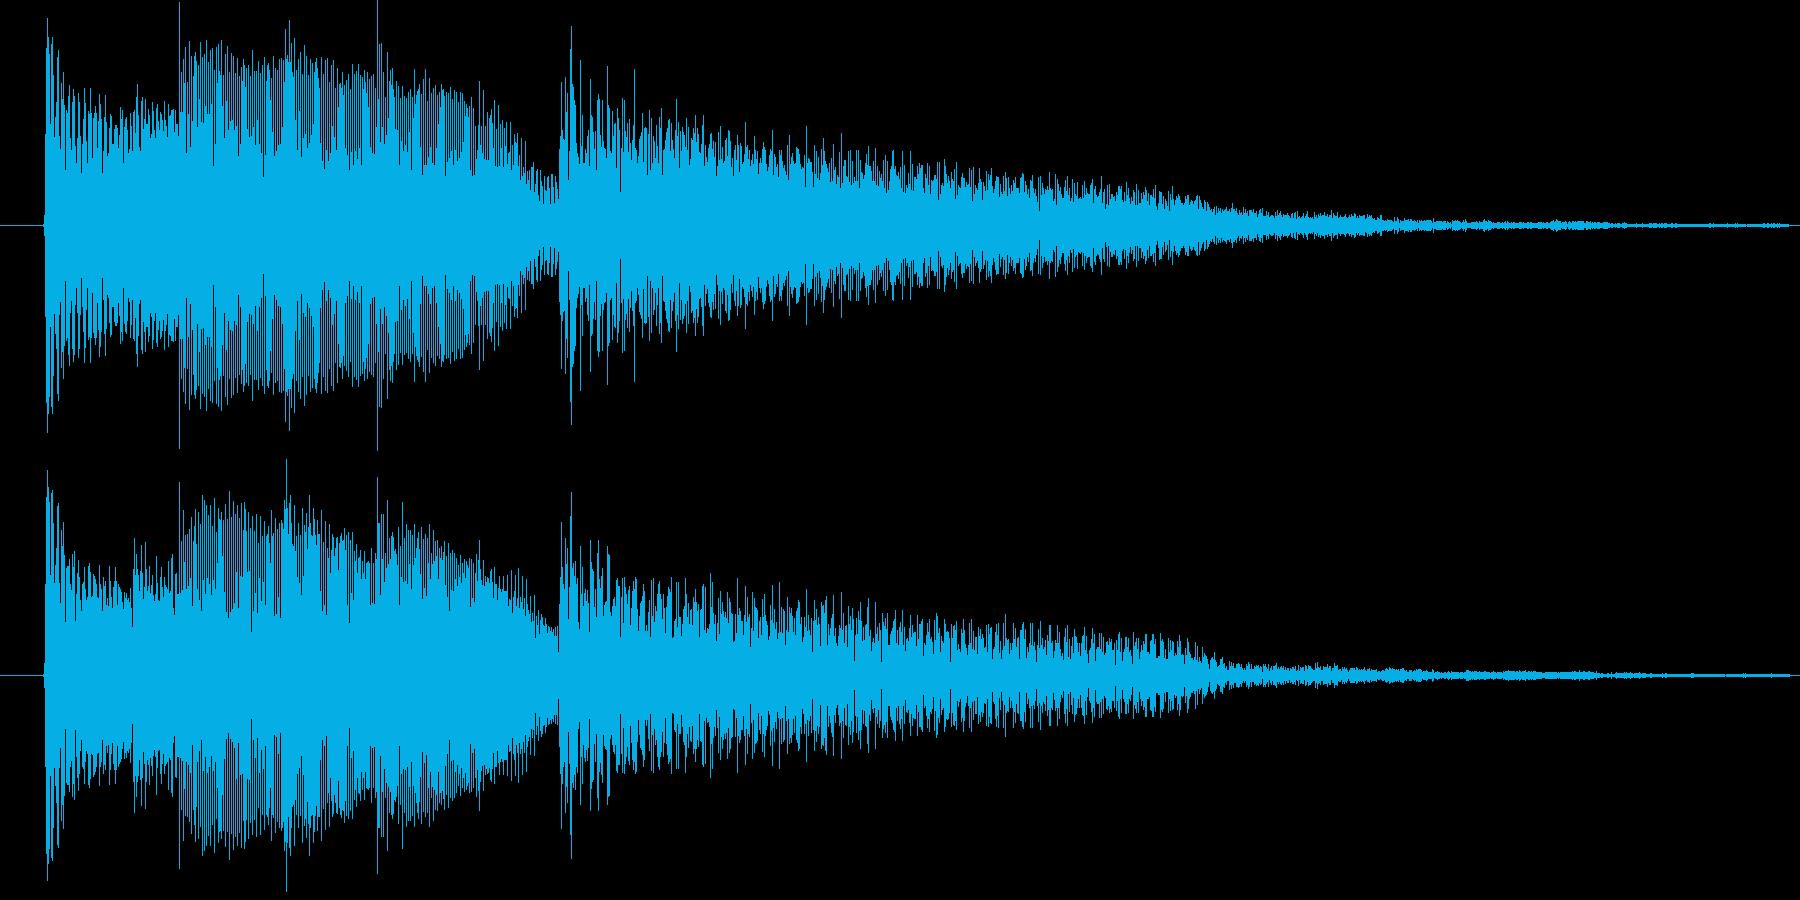 ギター転回音の再生済みの波形